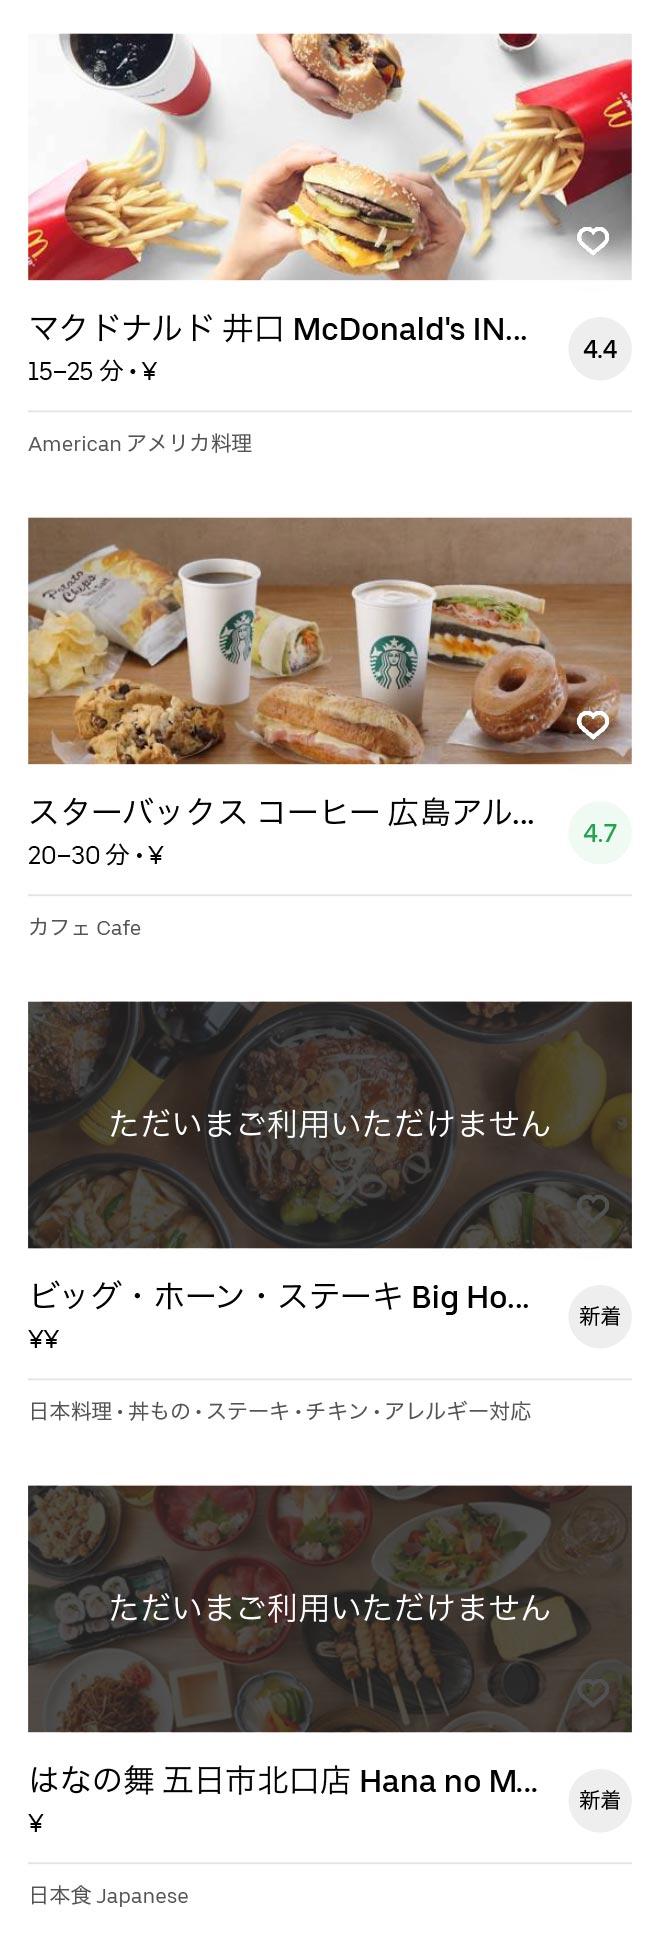 Hiroshima shininokuchi menu 2005 03